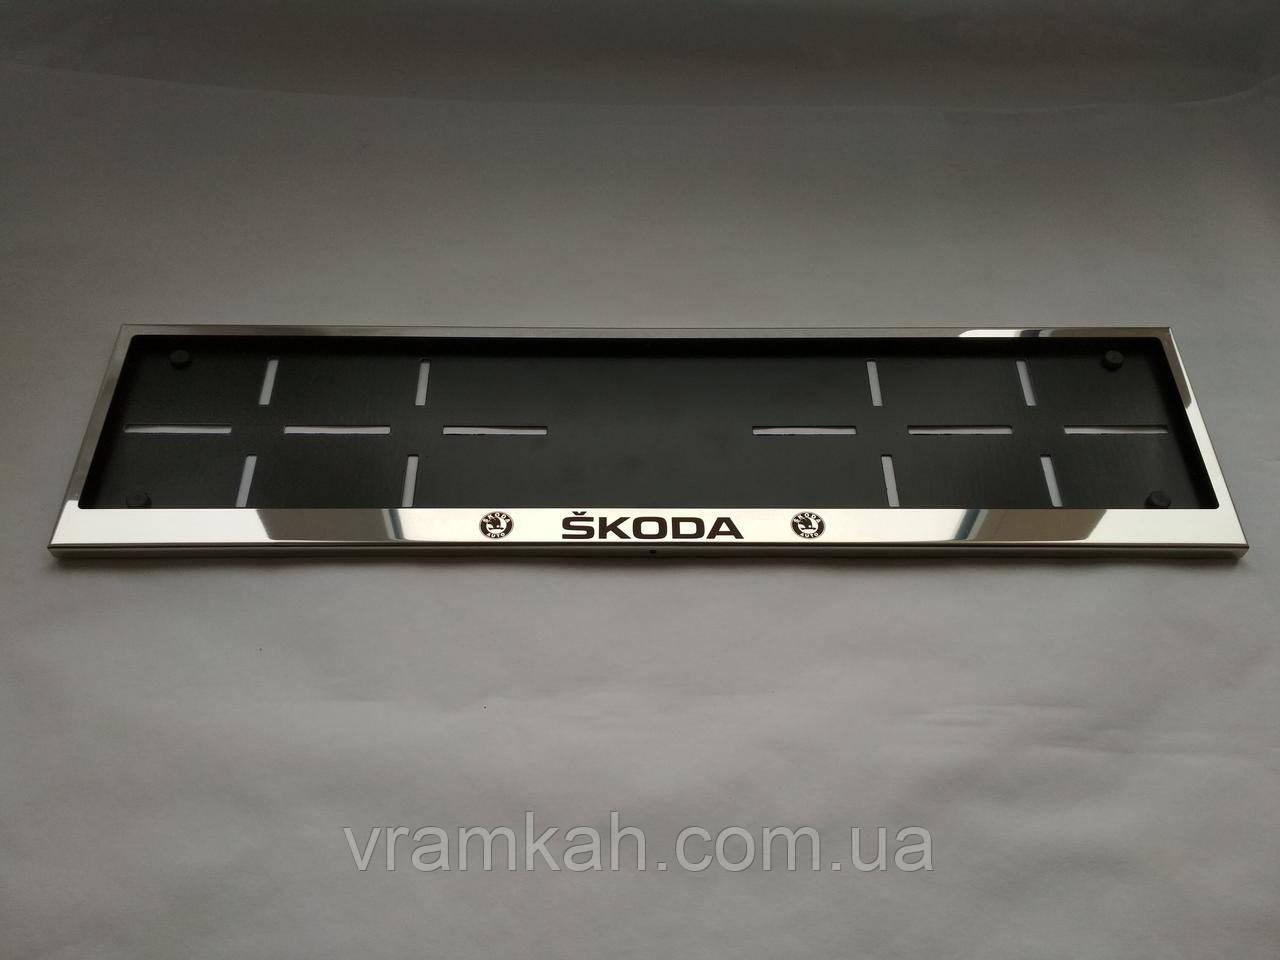 Номерная рамка для авто Skoda